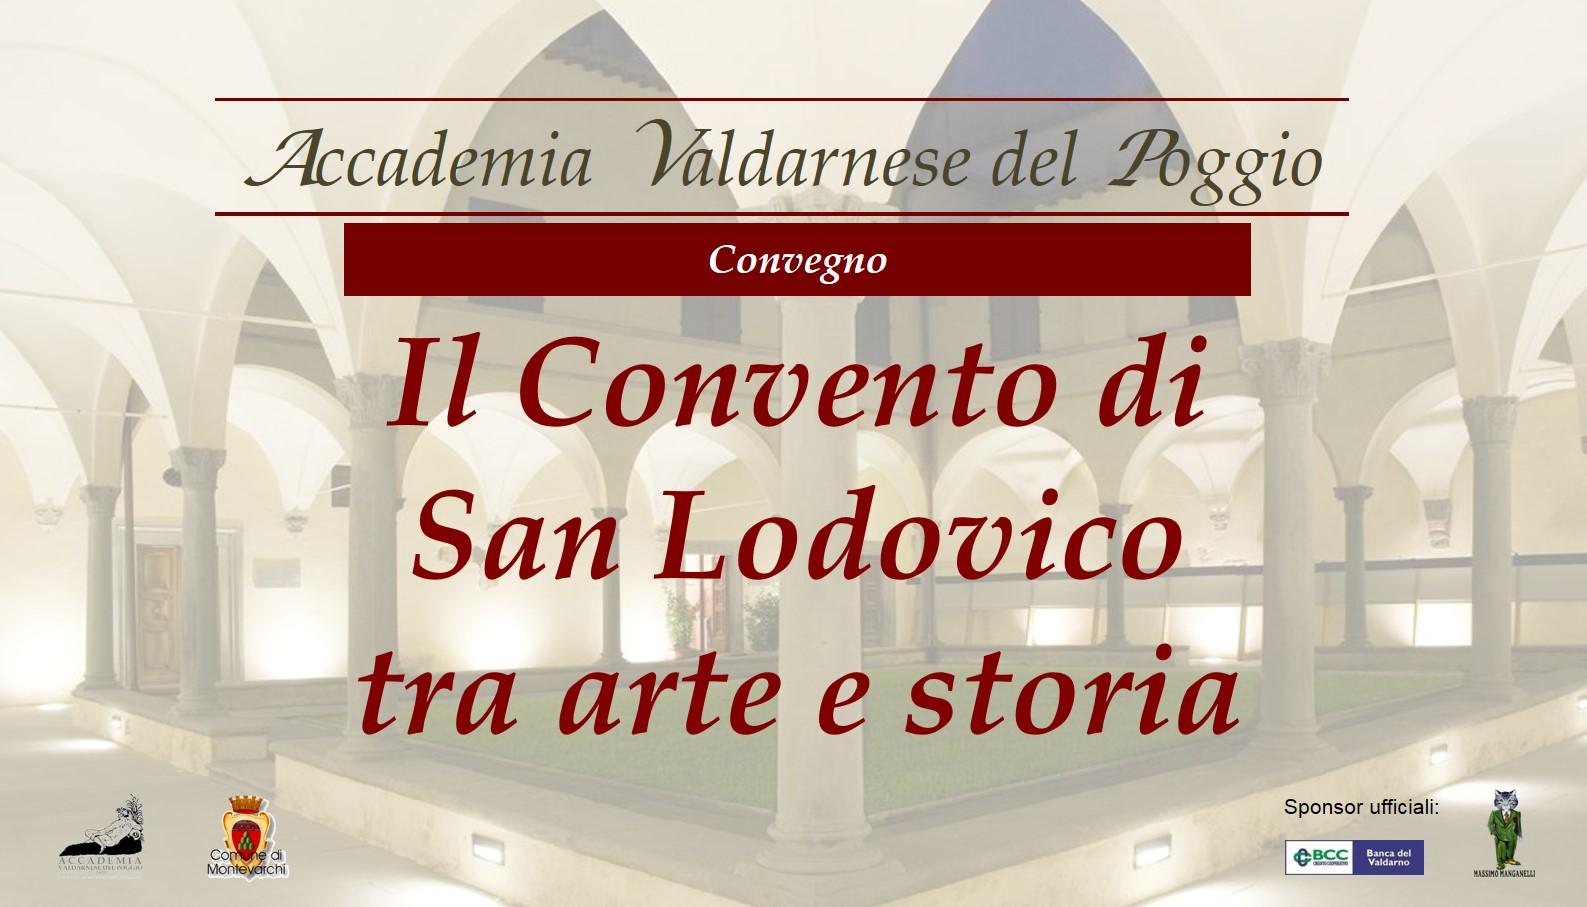 Convegno Convento di San Lodovico